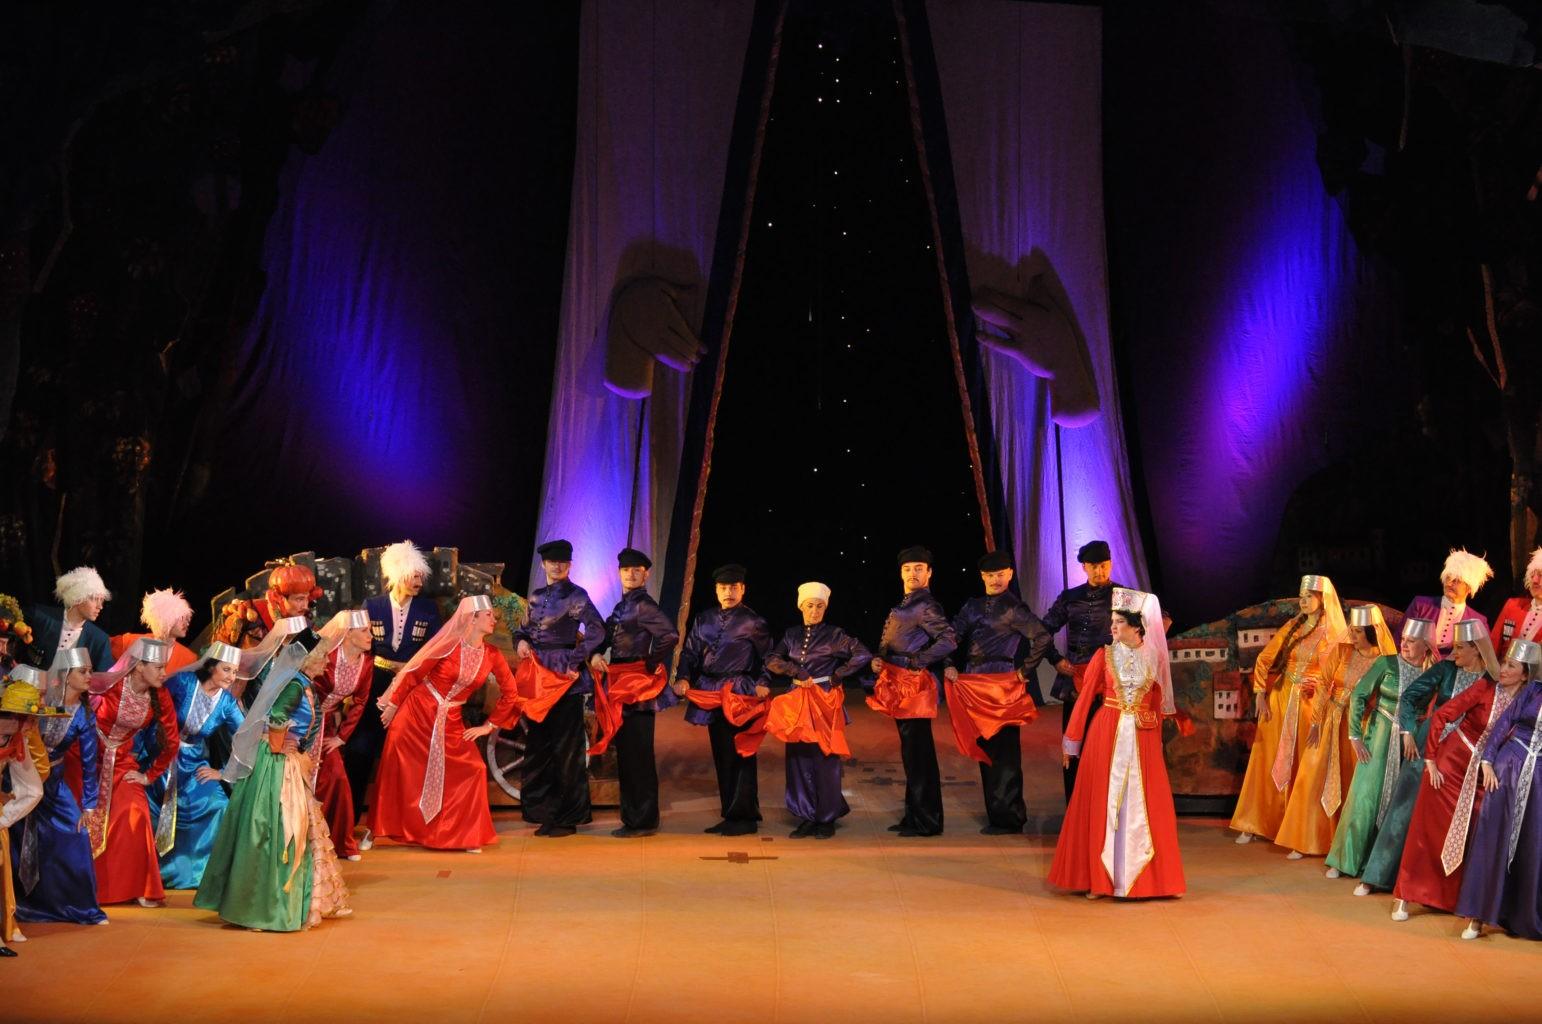 Сцена из спектакля «Ханума»: фотография